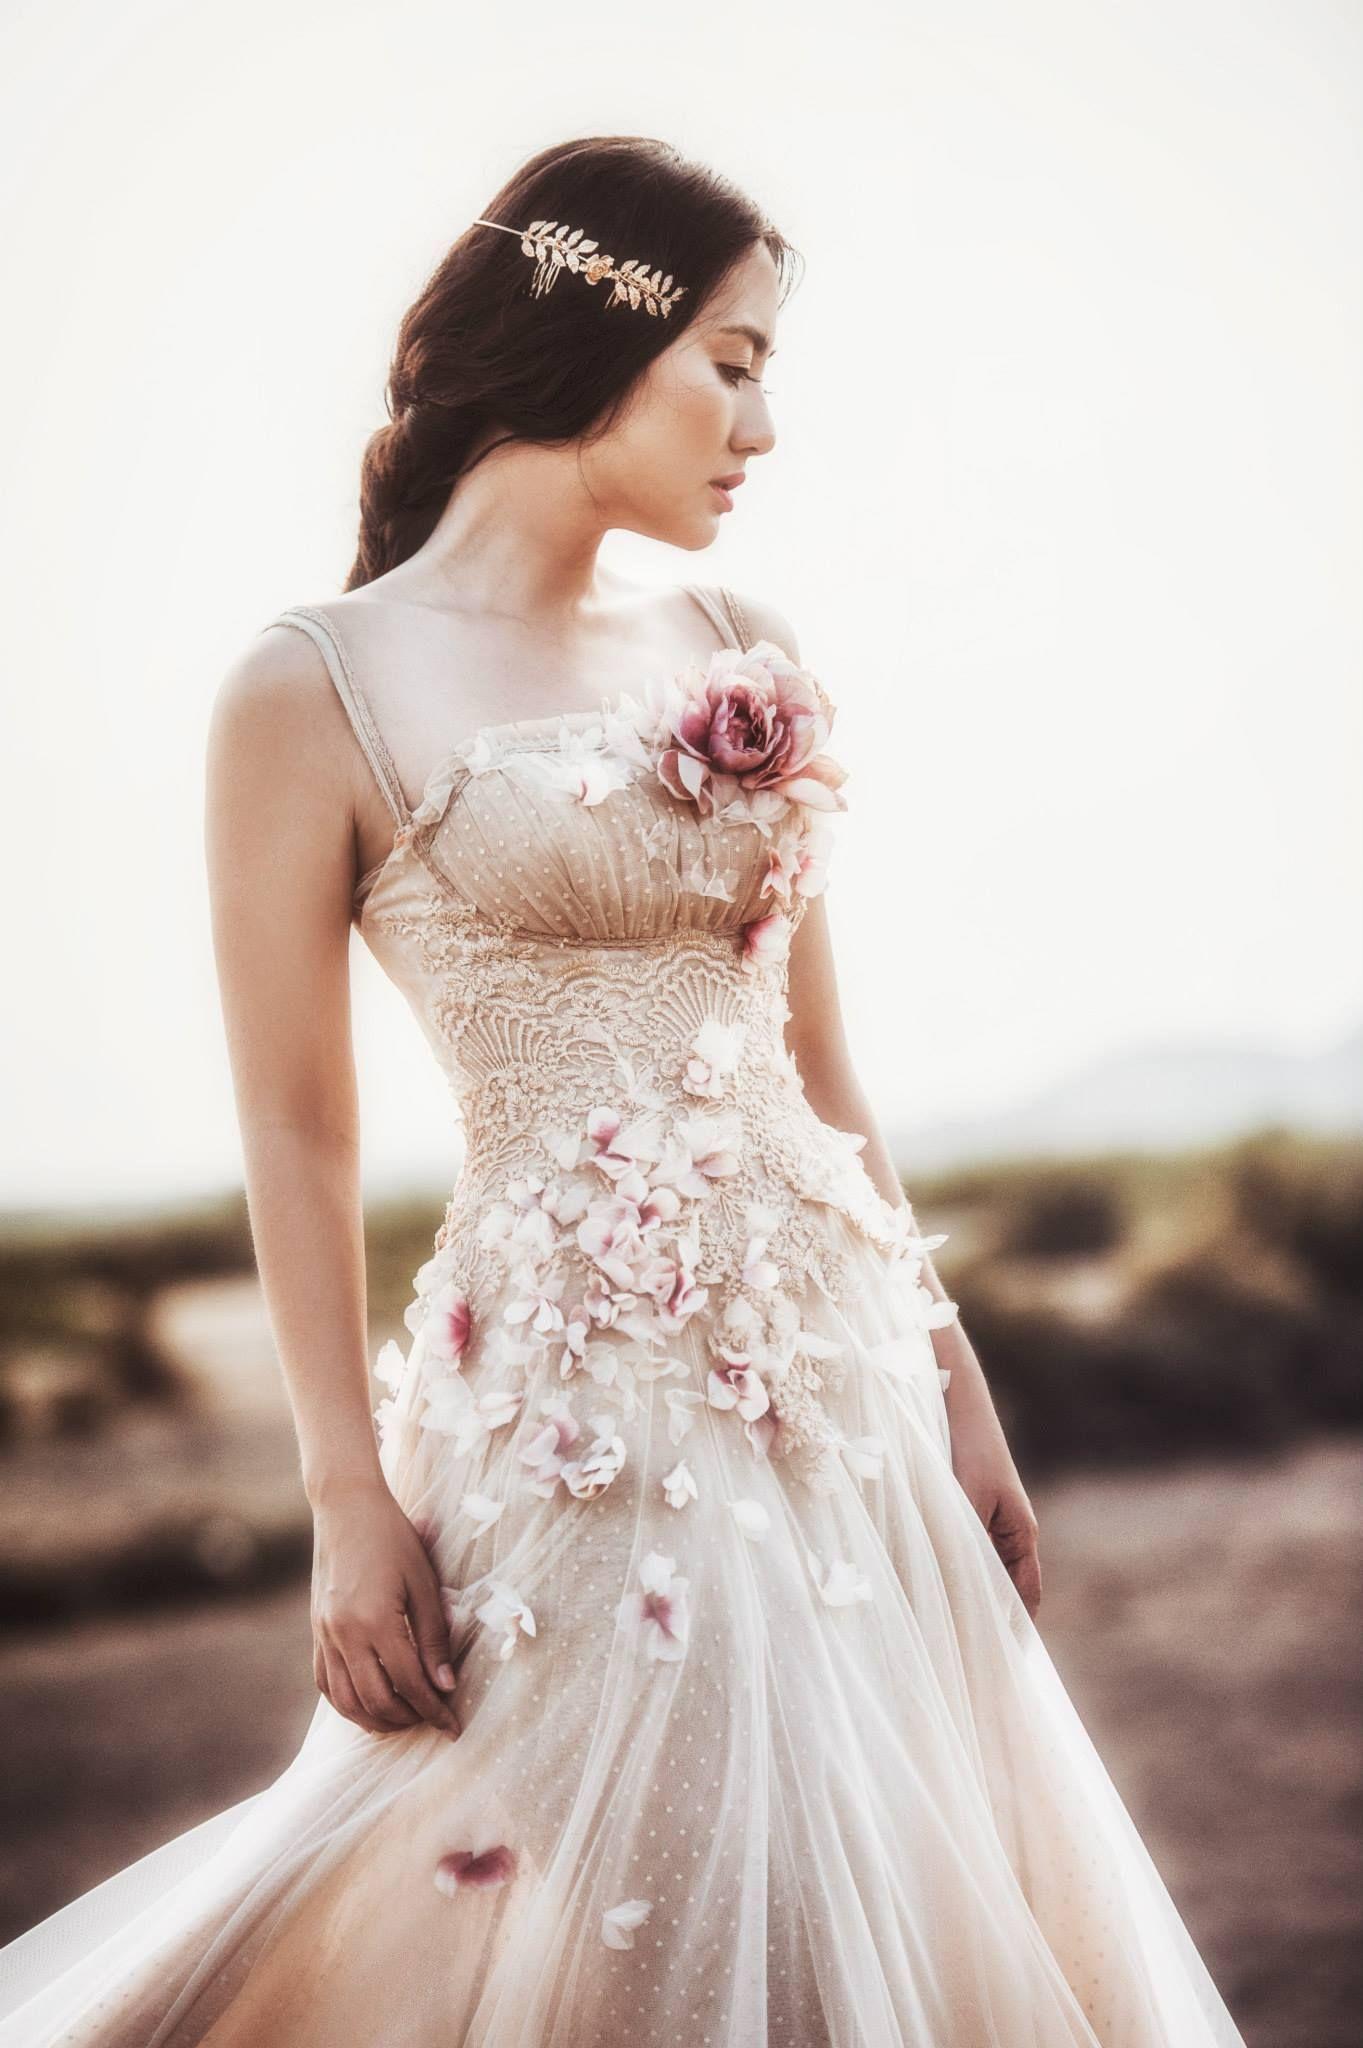 Thả hồn vào thiên nhiên, bên cạnh đàn cừu xinh xắn, đáng yêu trên vùng đất khô cằn ở Phan Rang. Nữ diễn viên diện bộ váy bồng bềnh, lãng mạn. Ở tuổi 30, Ngọc Lan vẫn luôn làm say đắm lòng người bởi nụ cười trẻ thơ.  stylist #NguyenThienKhiem photo #QuocHuy makeup #TriTran cosume #JoliPoli  www.24h.com.vn/phim/ngoc-lan-lam-say-dam-long-nguoi-voi-nu-cuoi-tre-tho-c74a714869.html